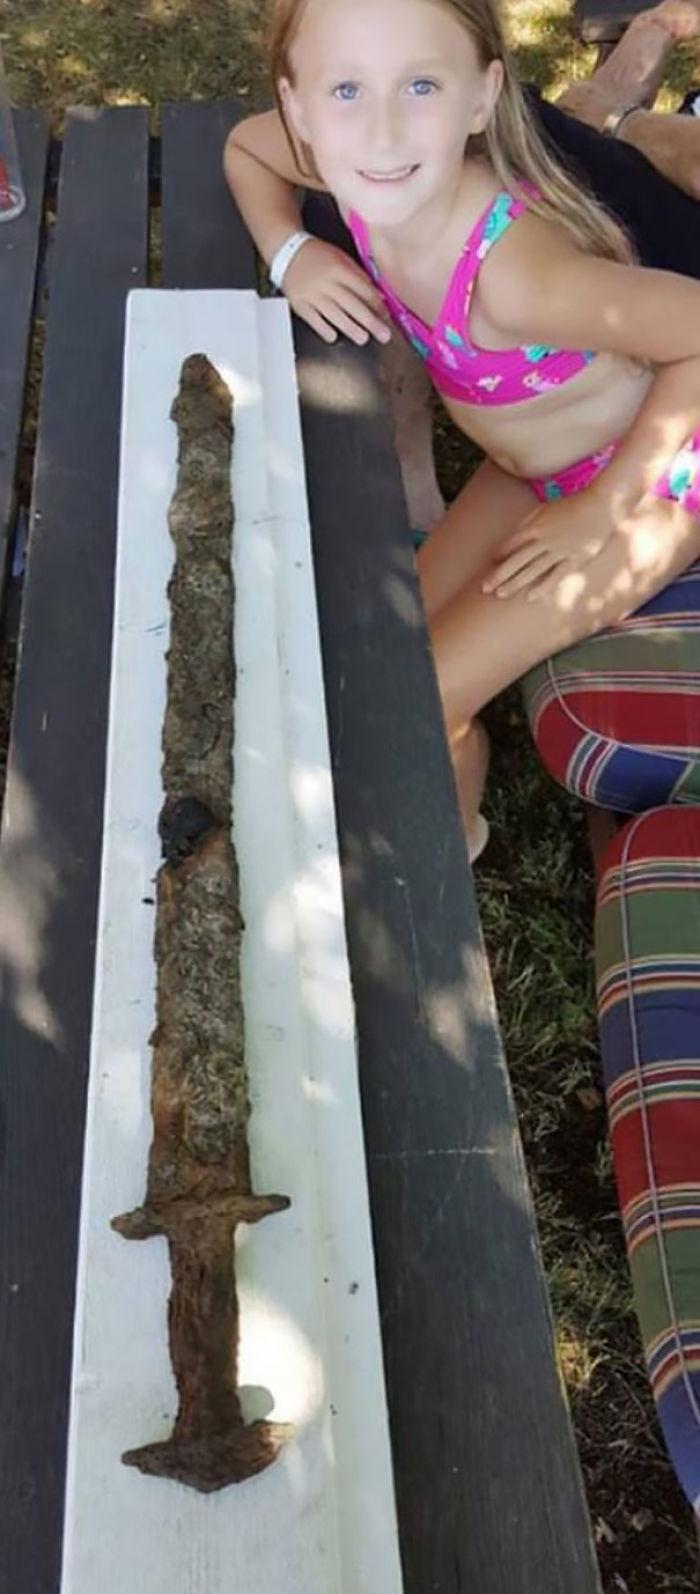 La saga de niñas de 8 años encontró una espada de la Edad del Hierro en el Lago Vidösten.